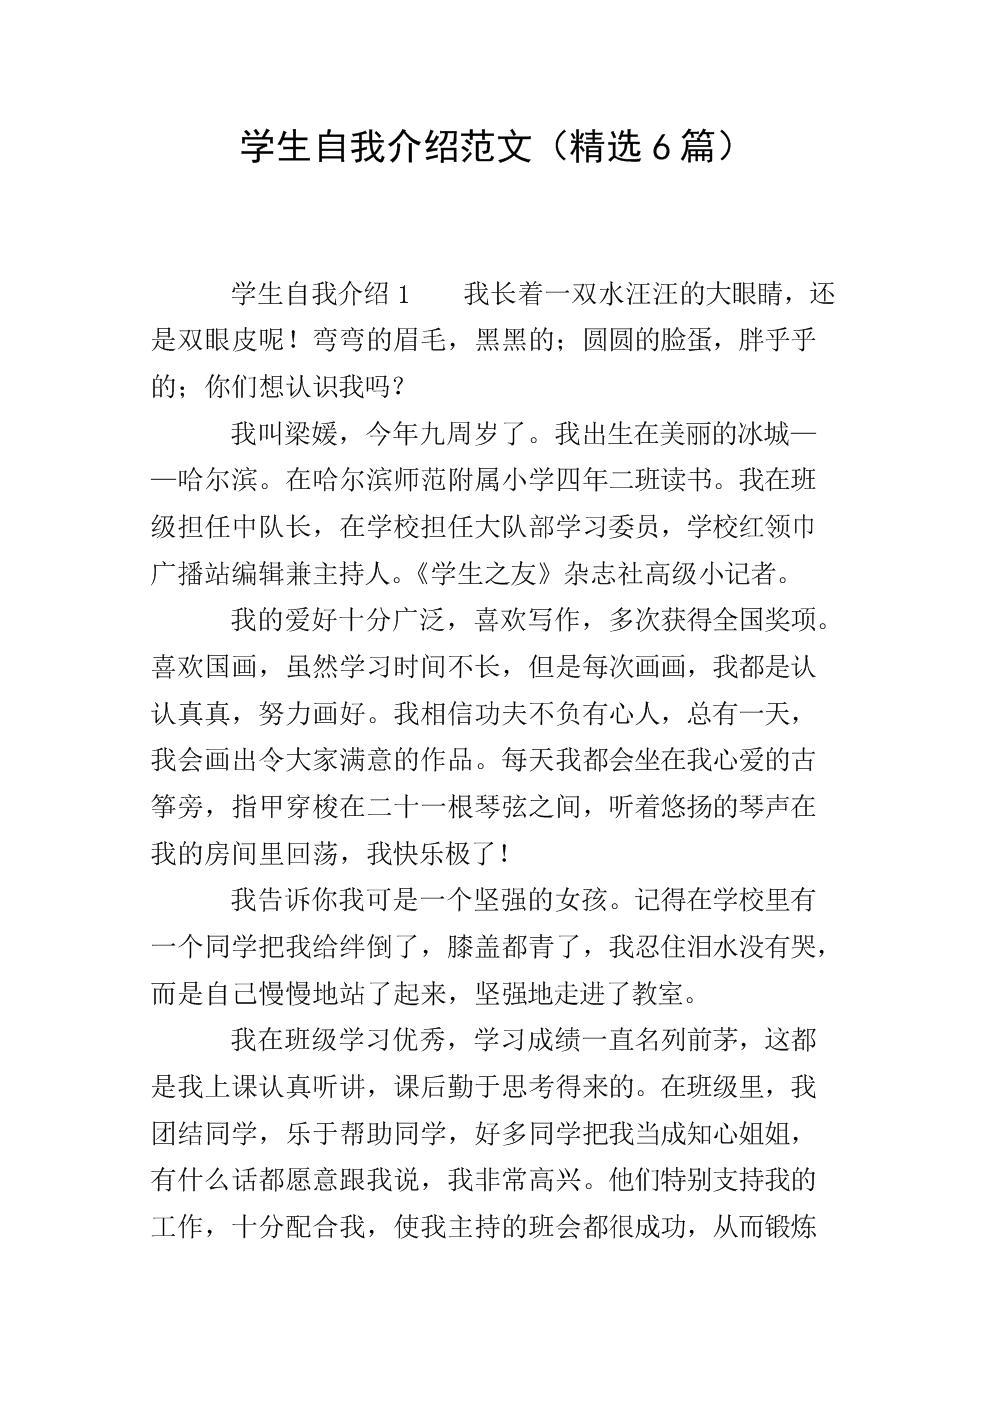 学生自我介绍范文(精选6篇).doc